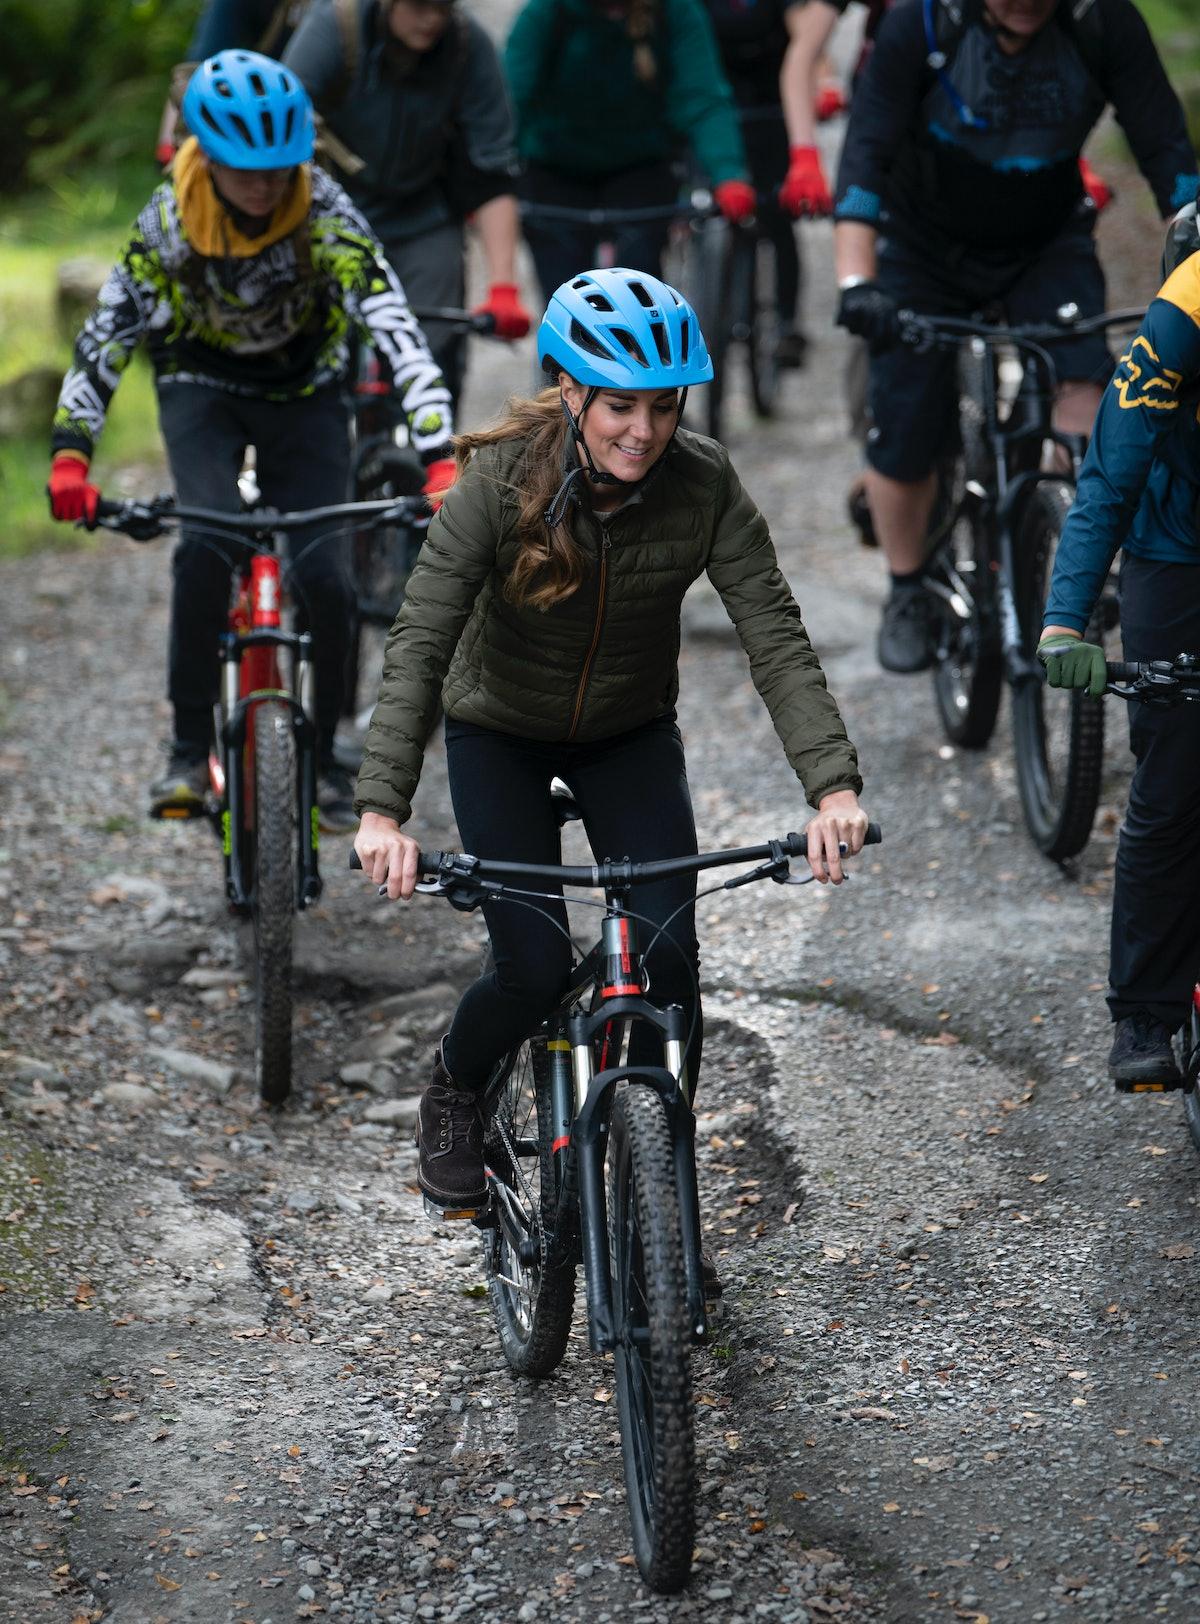 کاترین ، دوشس کمبریج ، دوچرخه سواری کوهستانی در حین بازدید از مسیر ماجراجویی ویندمرمیر انجام می دهد ...